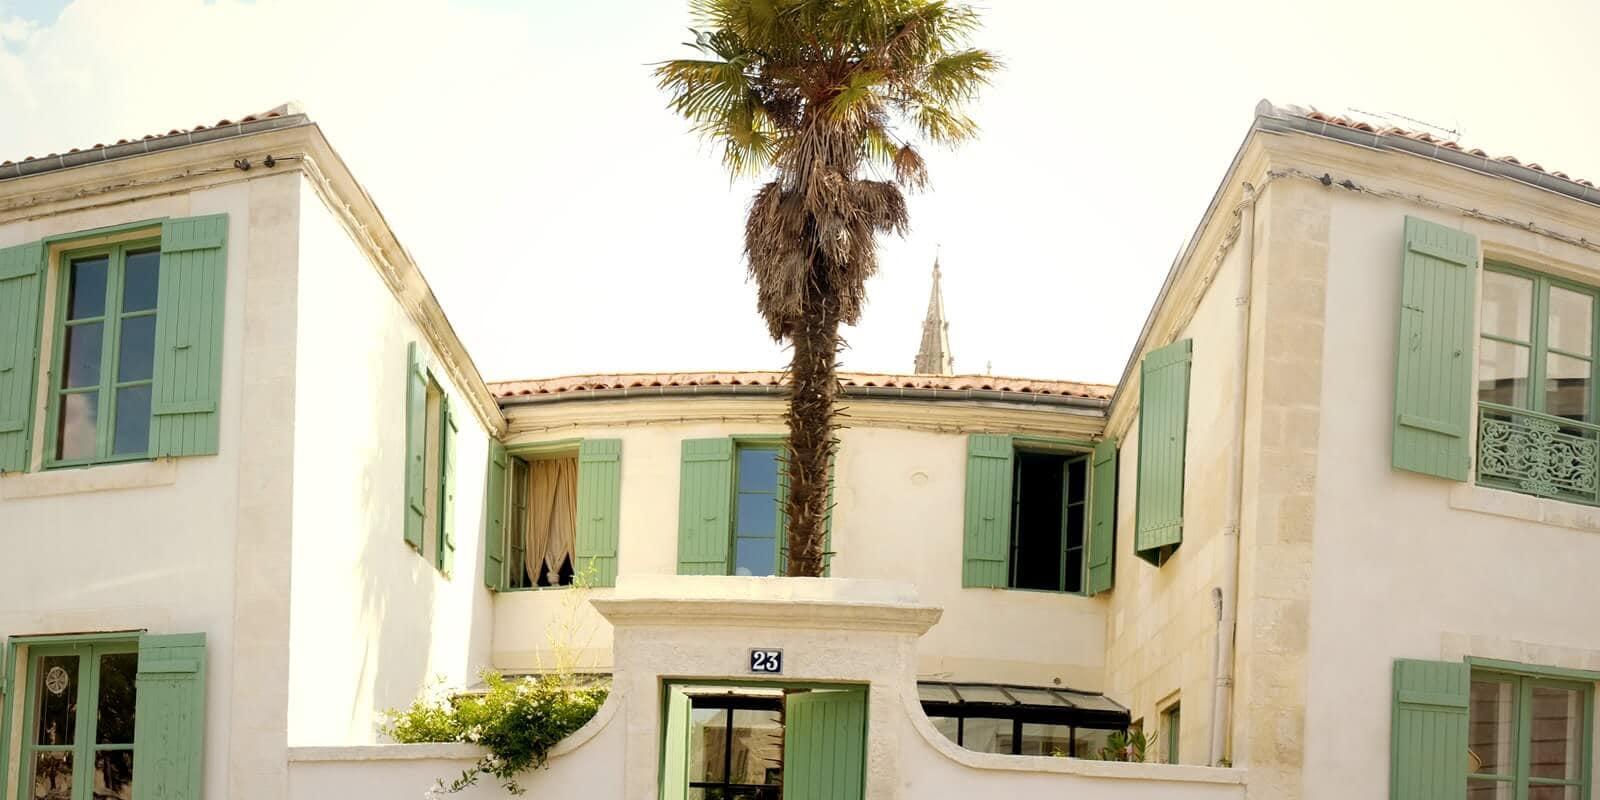 Chambres d 39 h tes la rochelle la maison du palmier centre for Chambre d hote autour de la rochelle